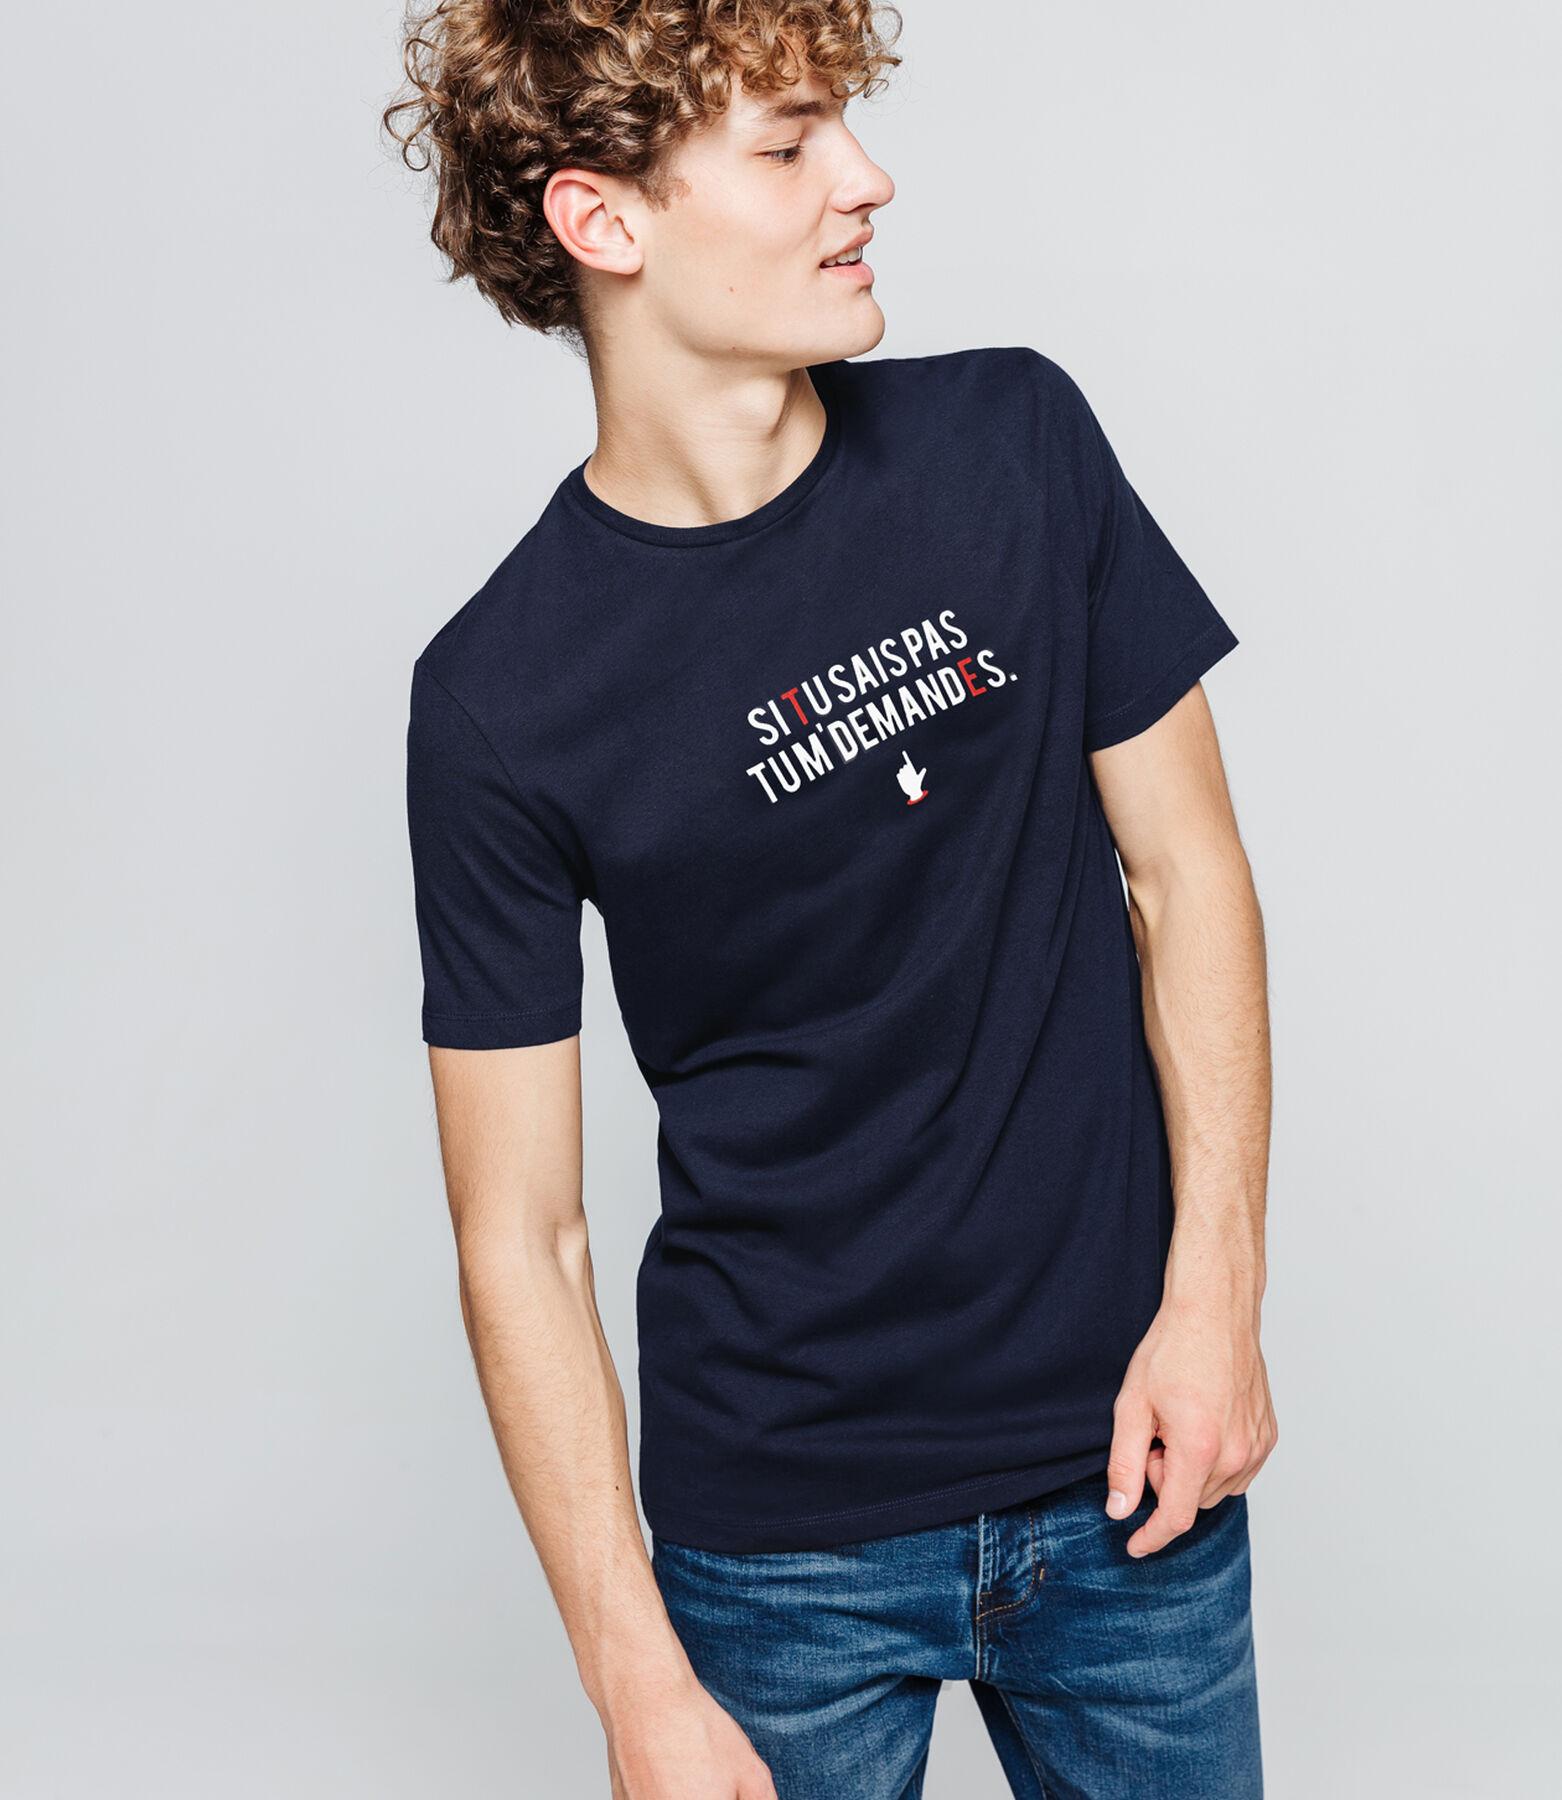 """T-shirt message """"Si tu sais pas tu m'demandes"""""""